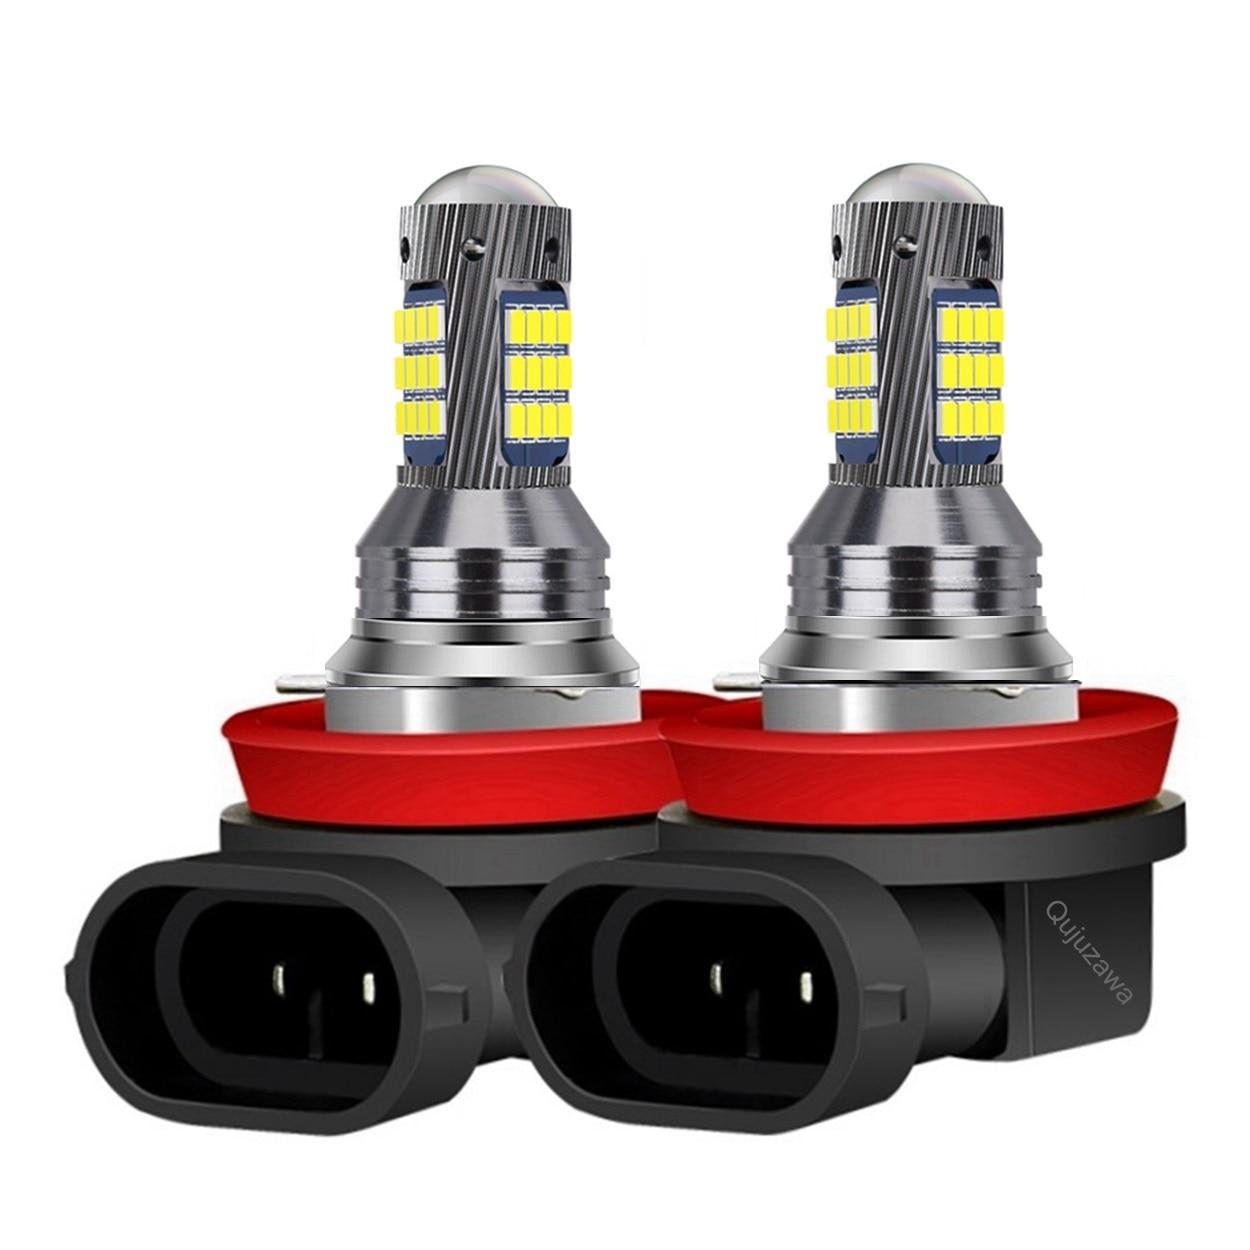 2 шт., H1 H3 H11 H8 9006 HB4 881 880 H27, высокое качество, 2016, светодиодный противотуманный фонарь для автомобиля, противотуманный светильник, лампа, 6000 К, белый